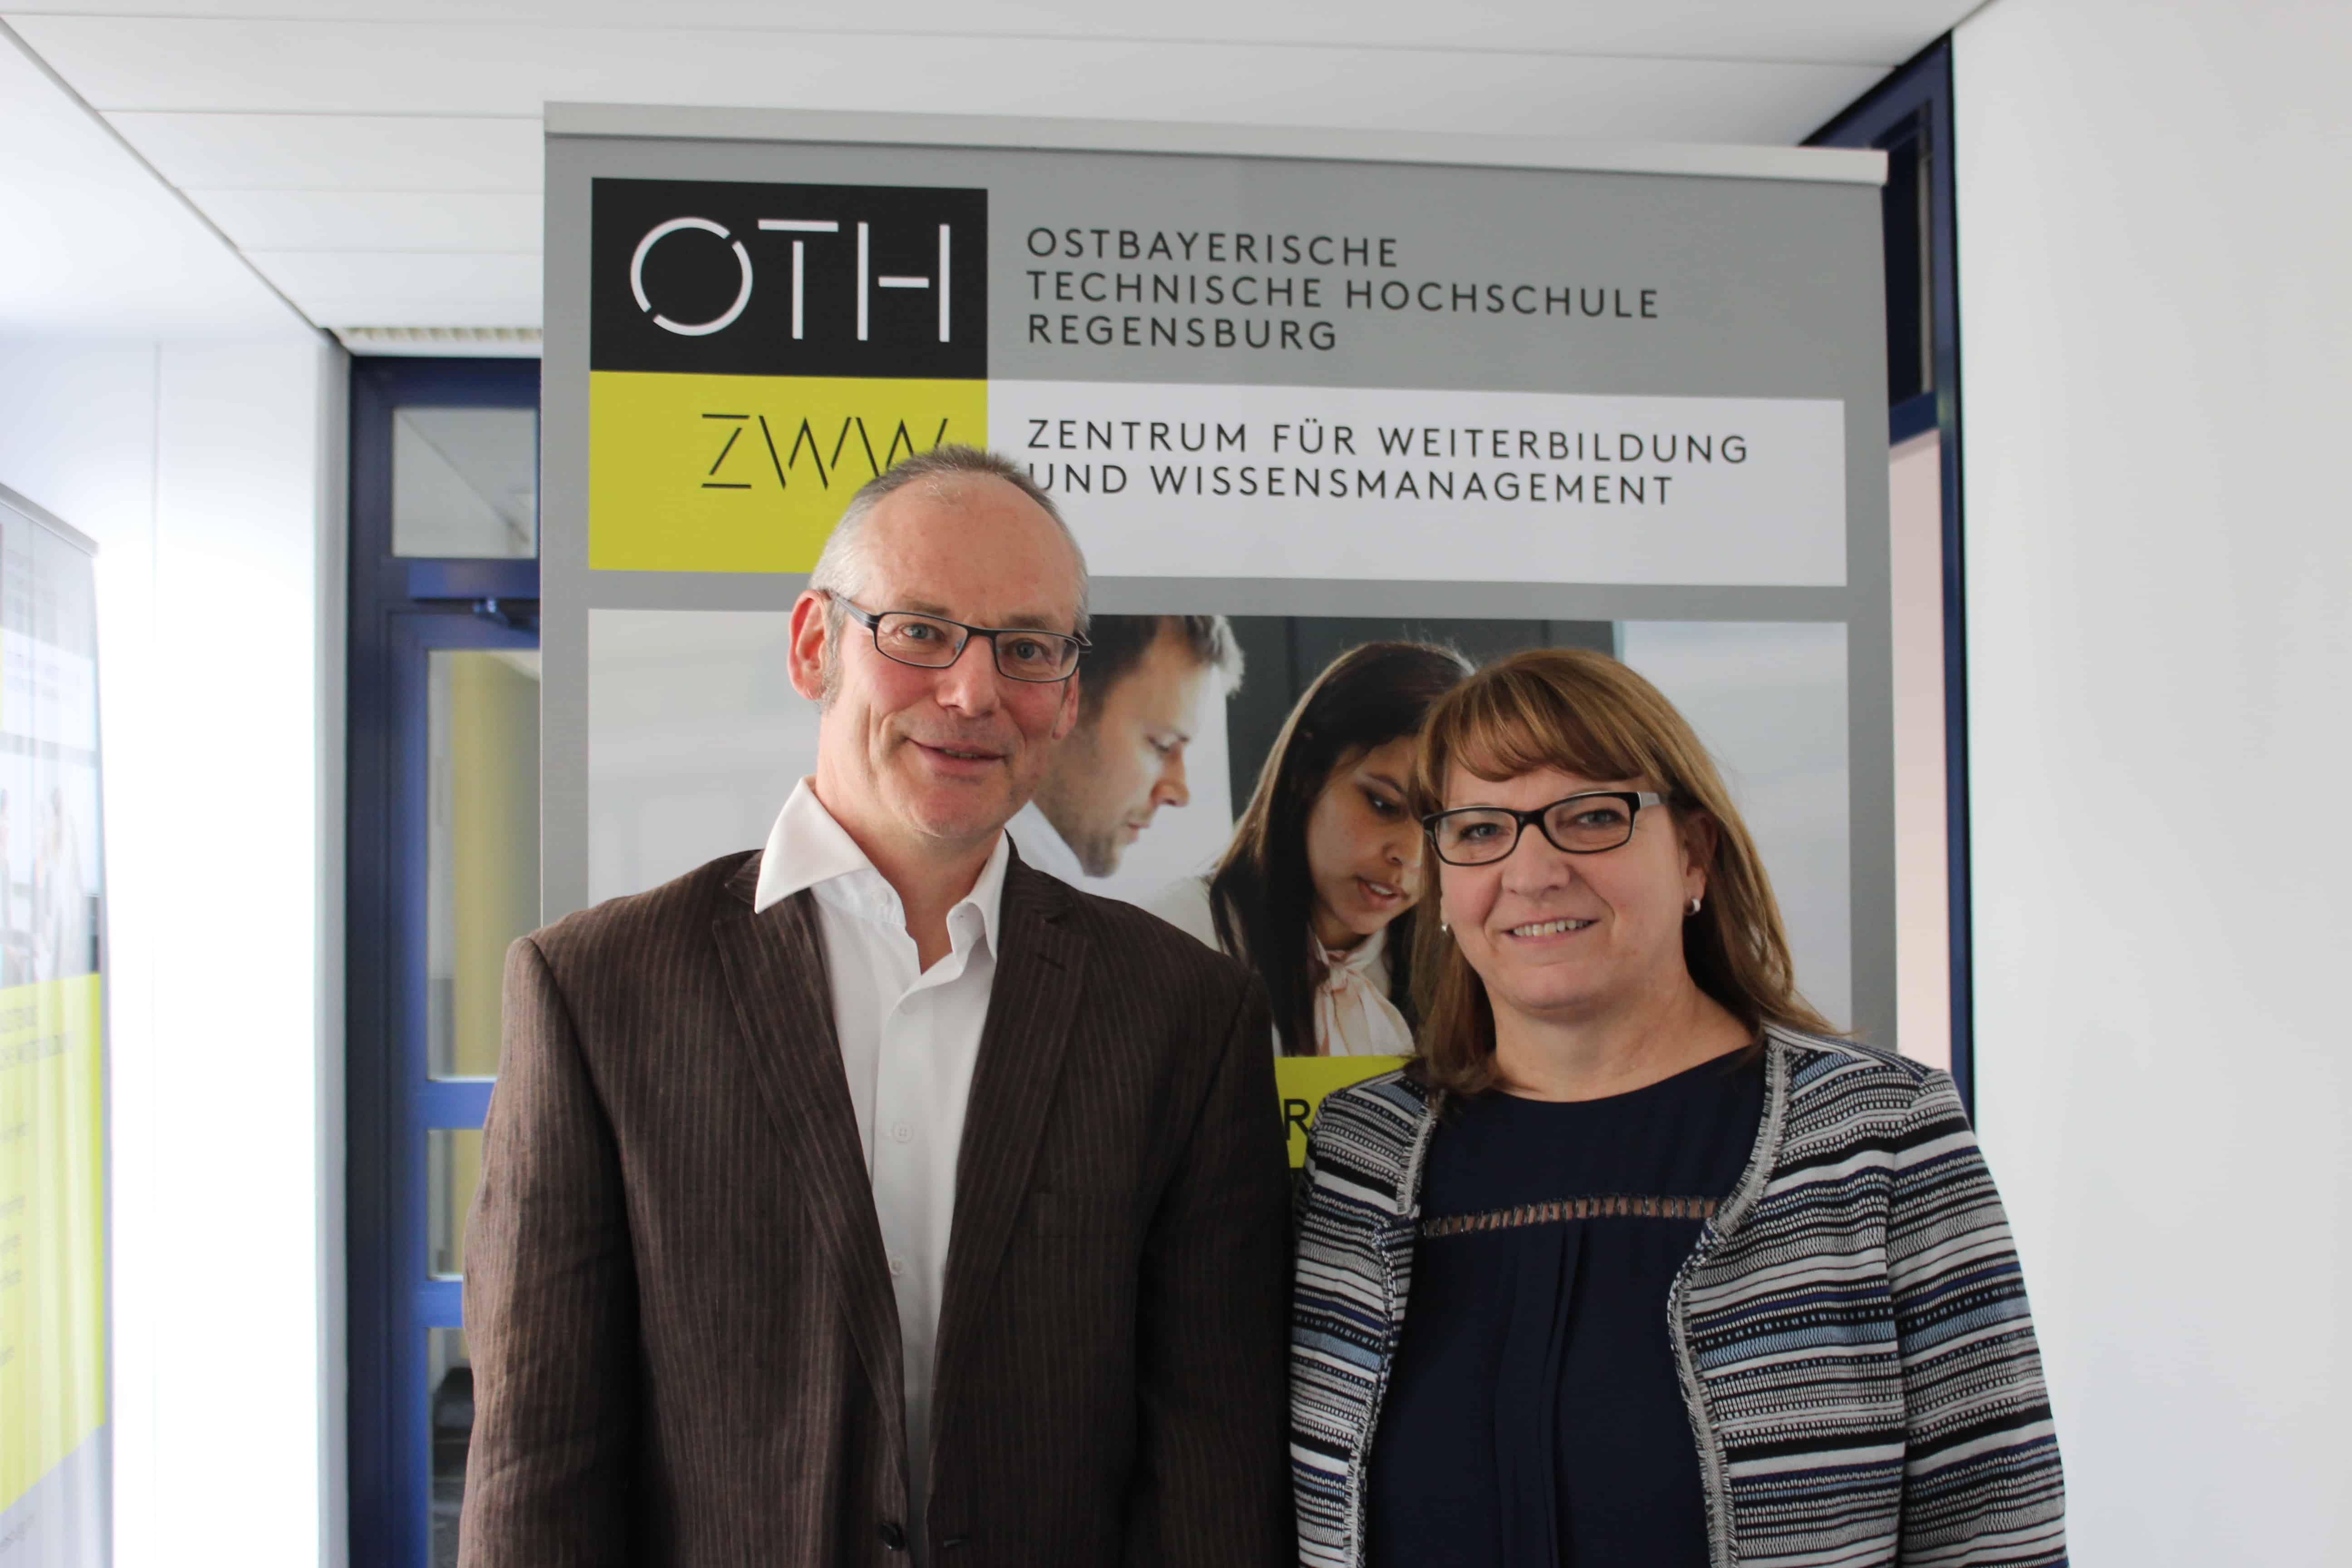 Mediatoren-Ausbildung an der OTH Regensburg / Schlichten ohne Richter zu sein